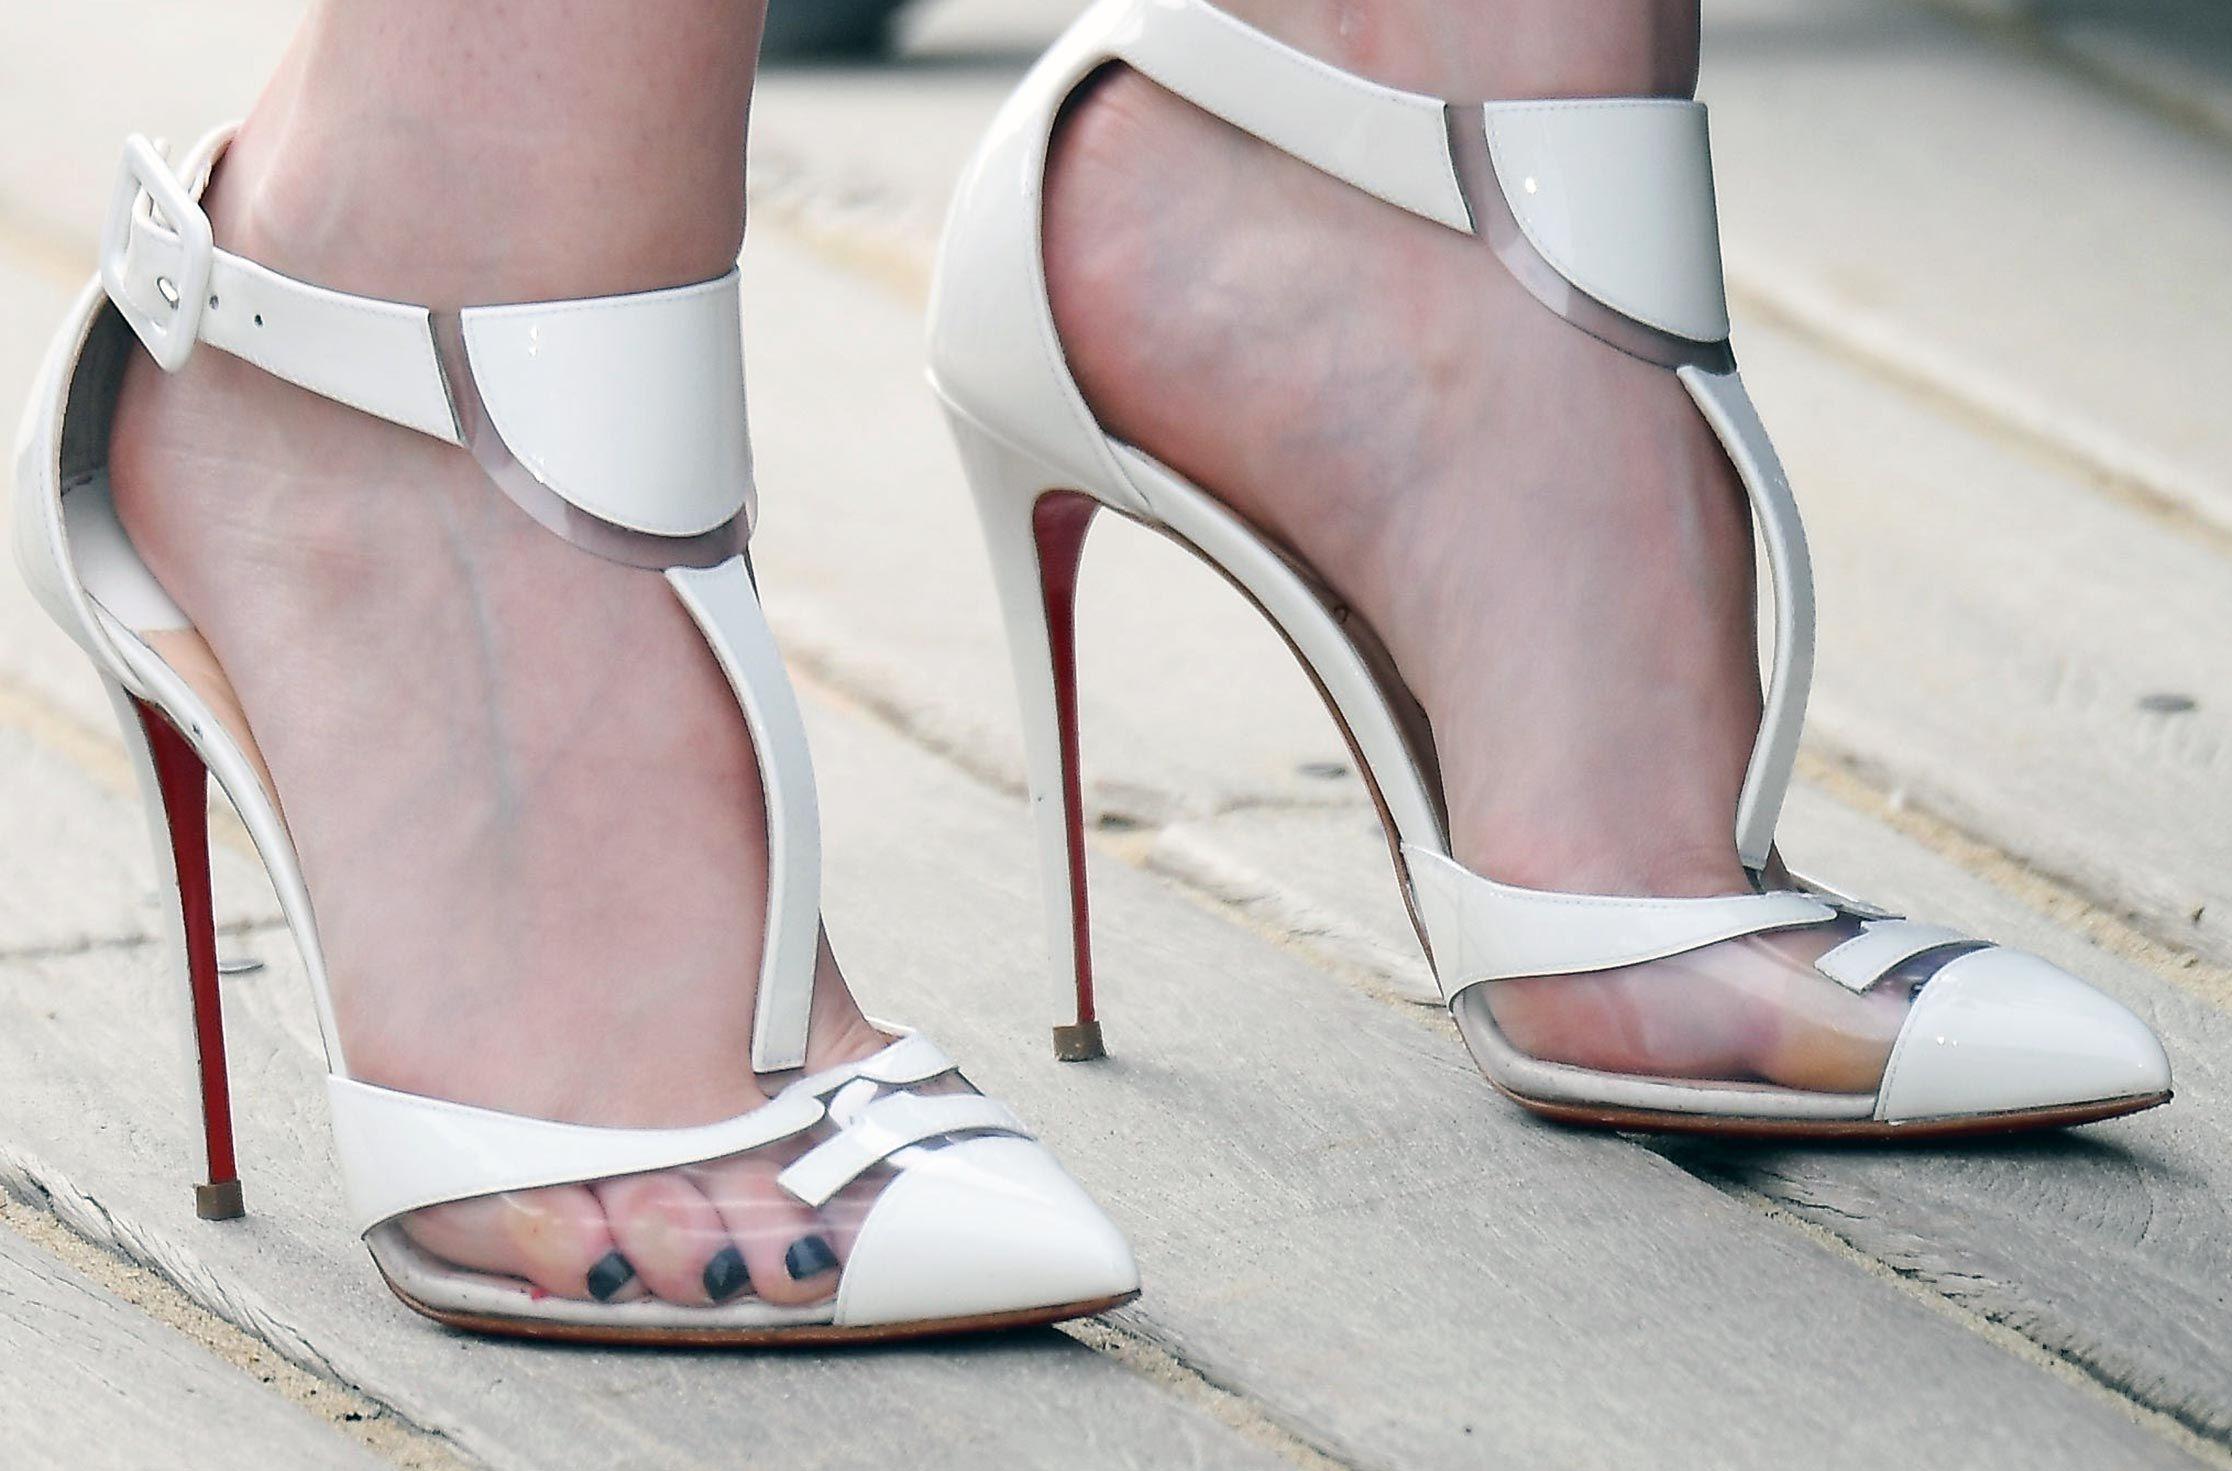 0303051210632 259 Kristen Stewart Nude Feet Porn Leaked Hot